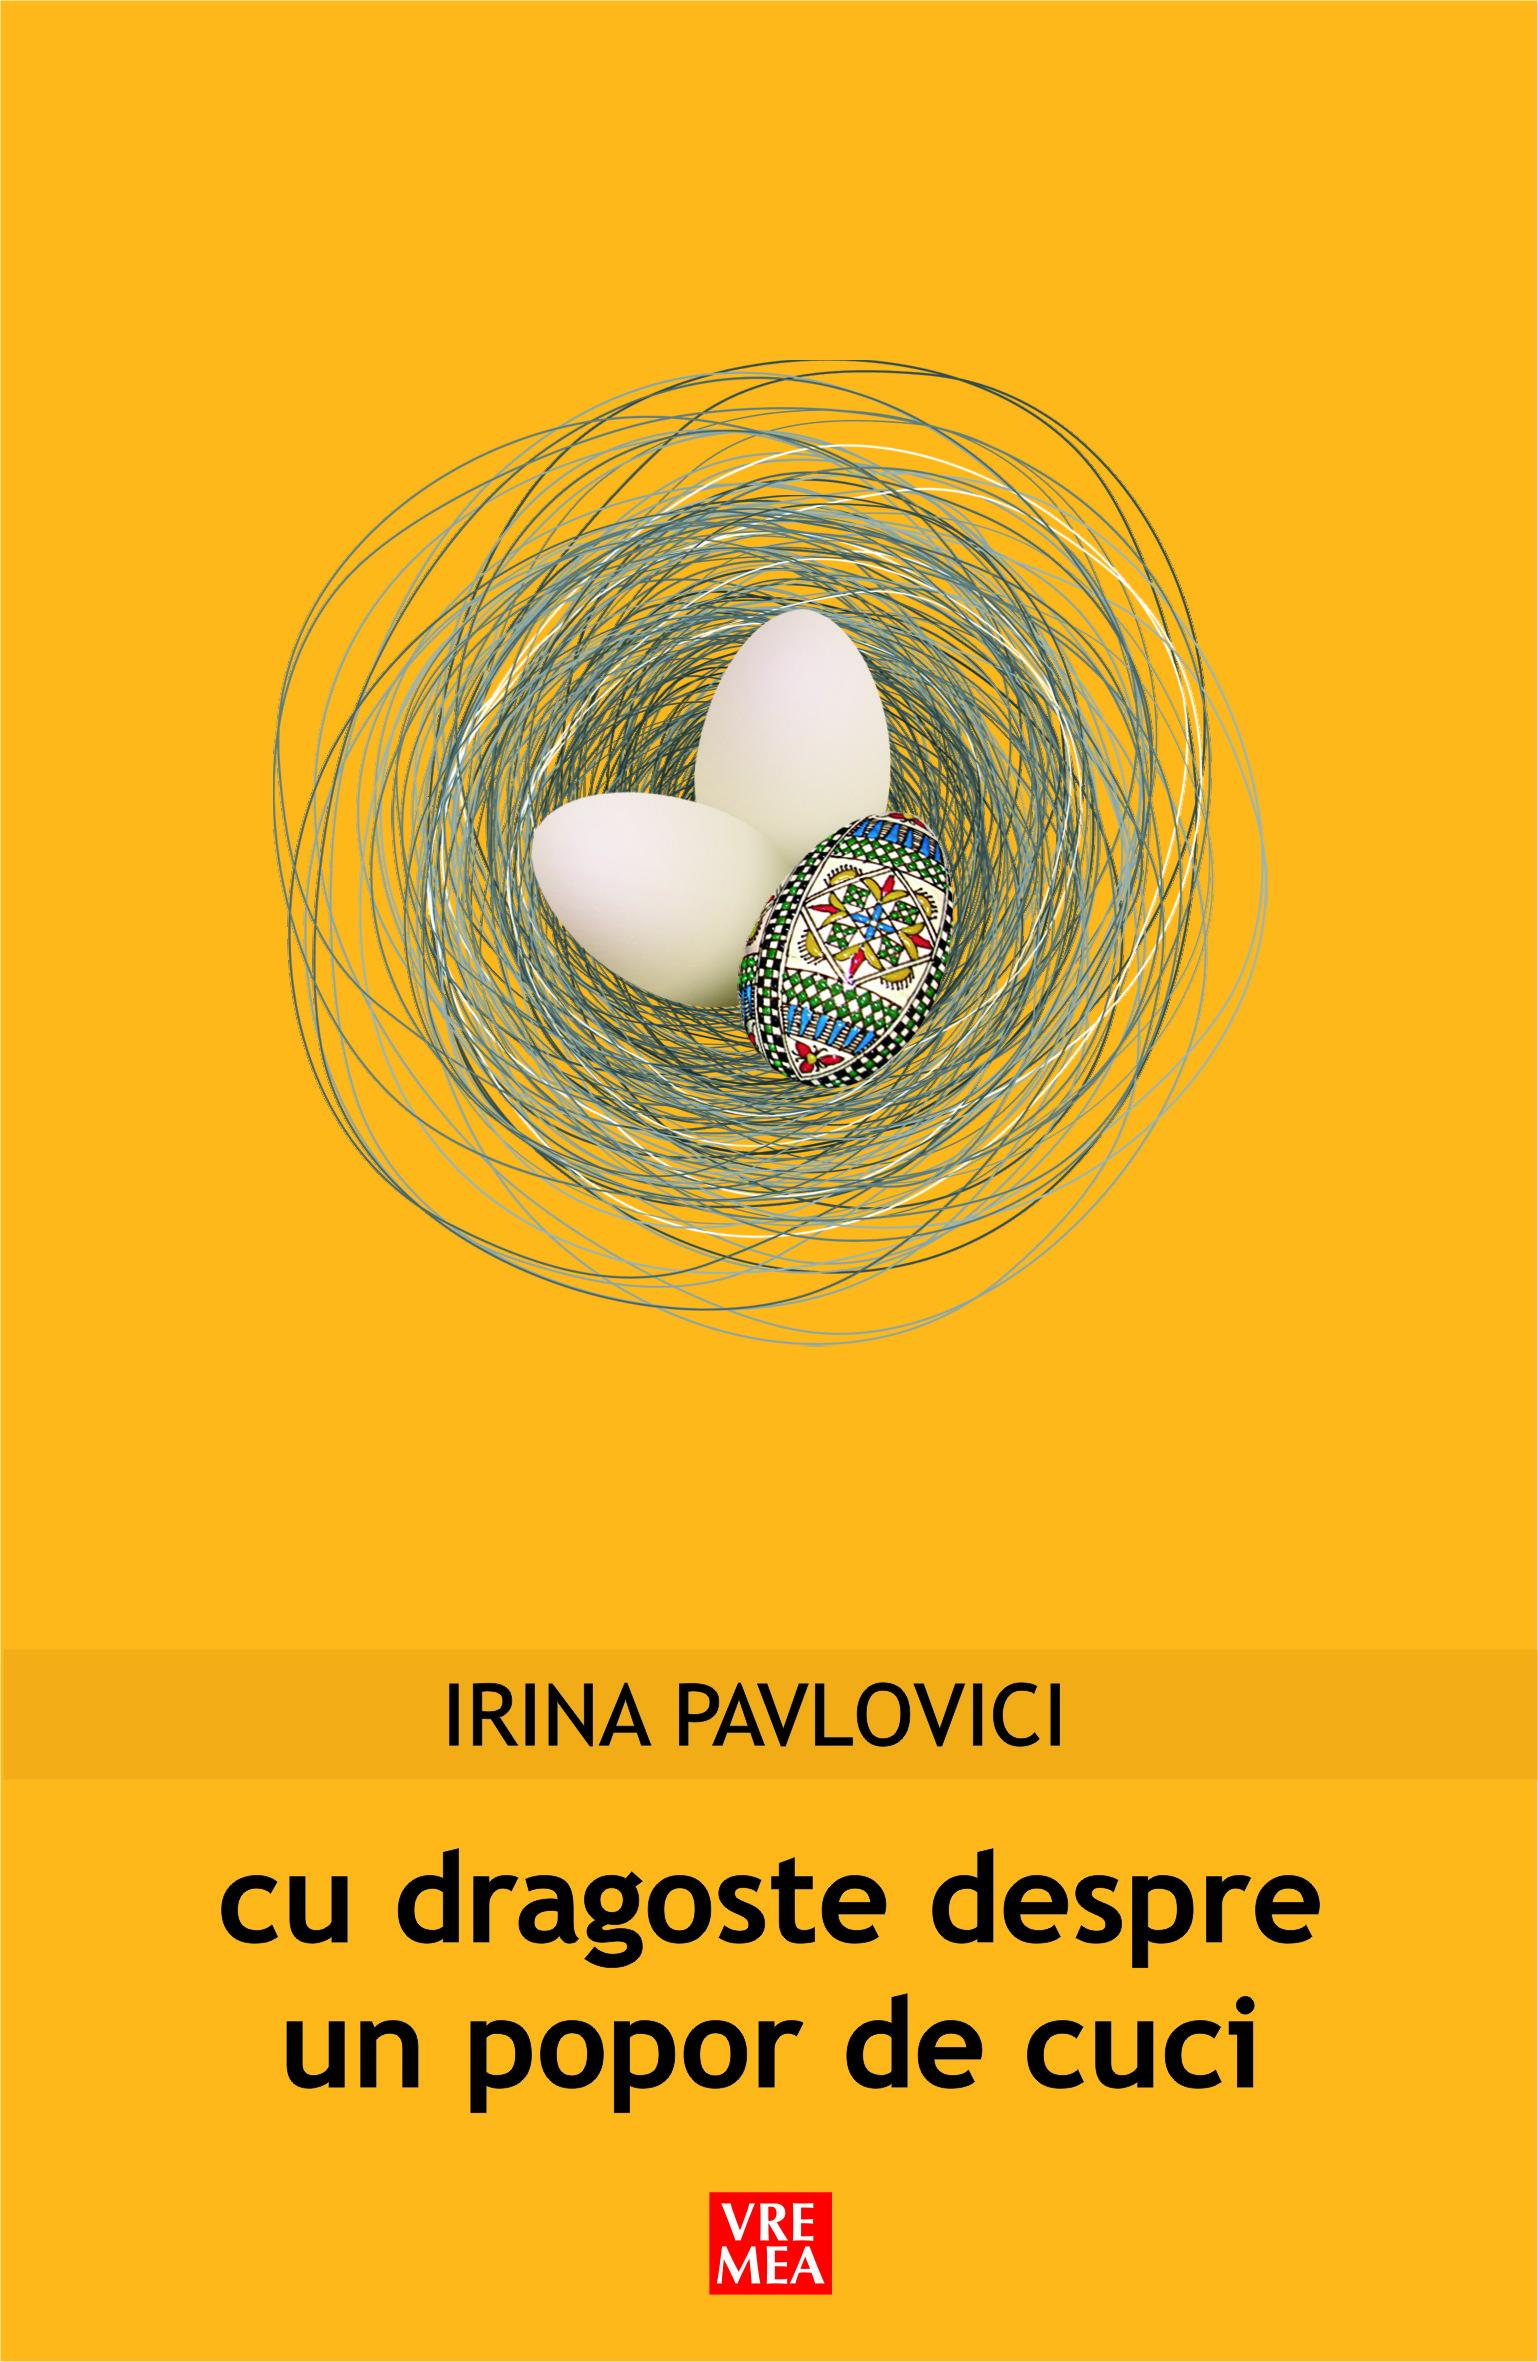 Coperta cartii Cu dragoste despre un popor de cuci, de Irina Pavlovici